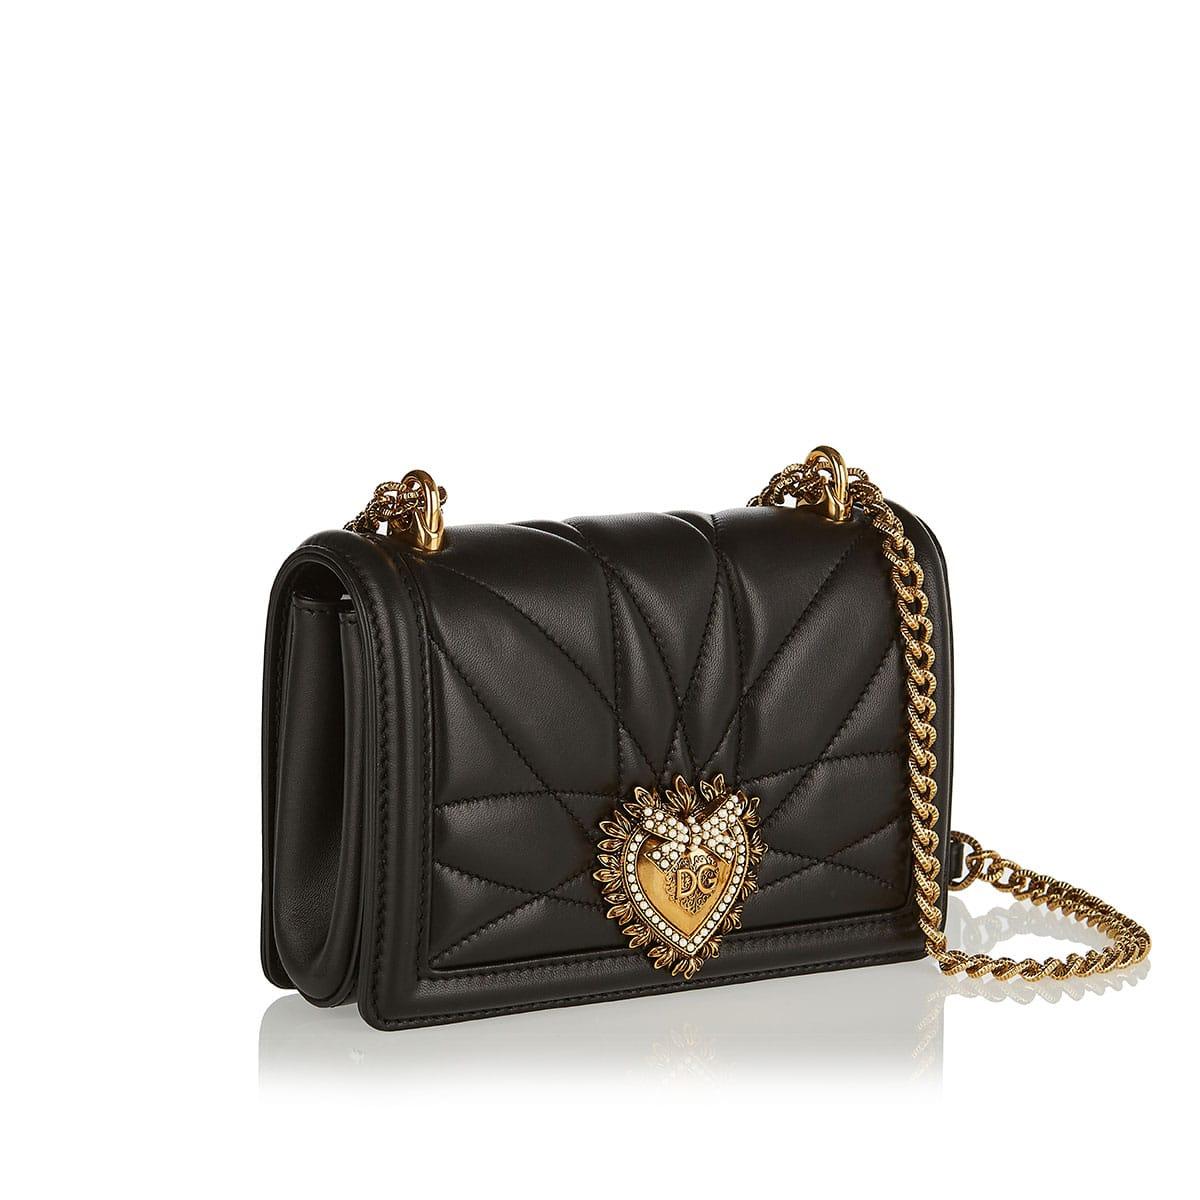 Devotion small shoulder bag